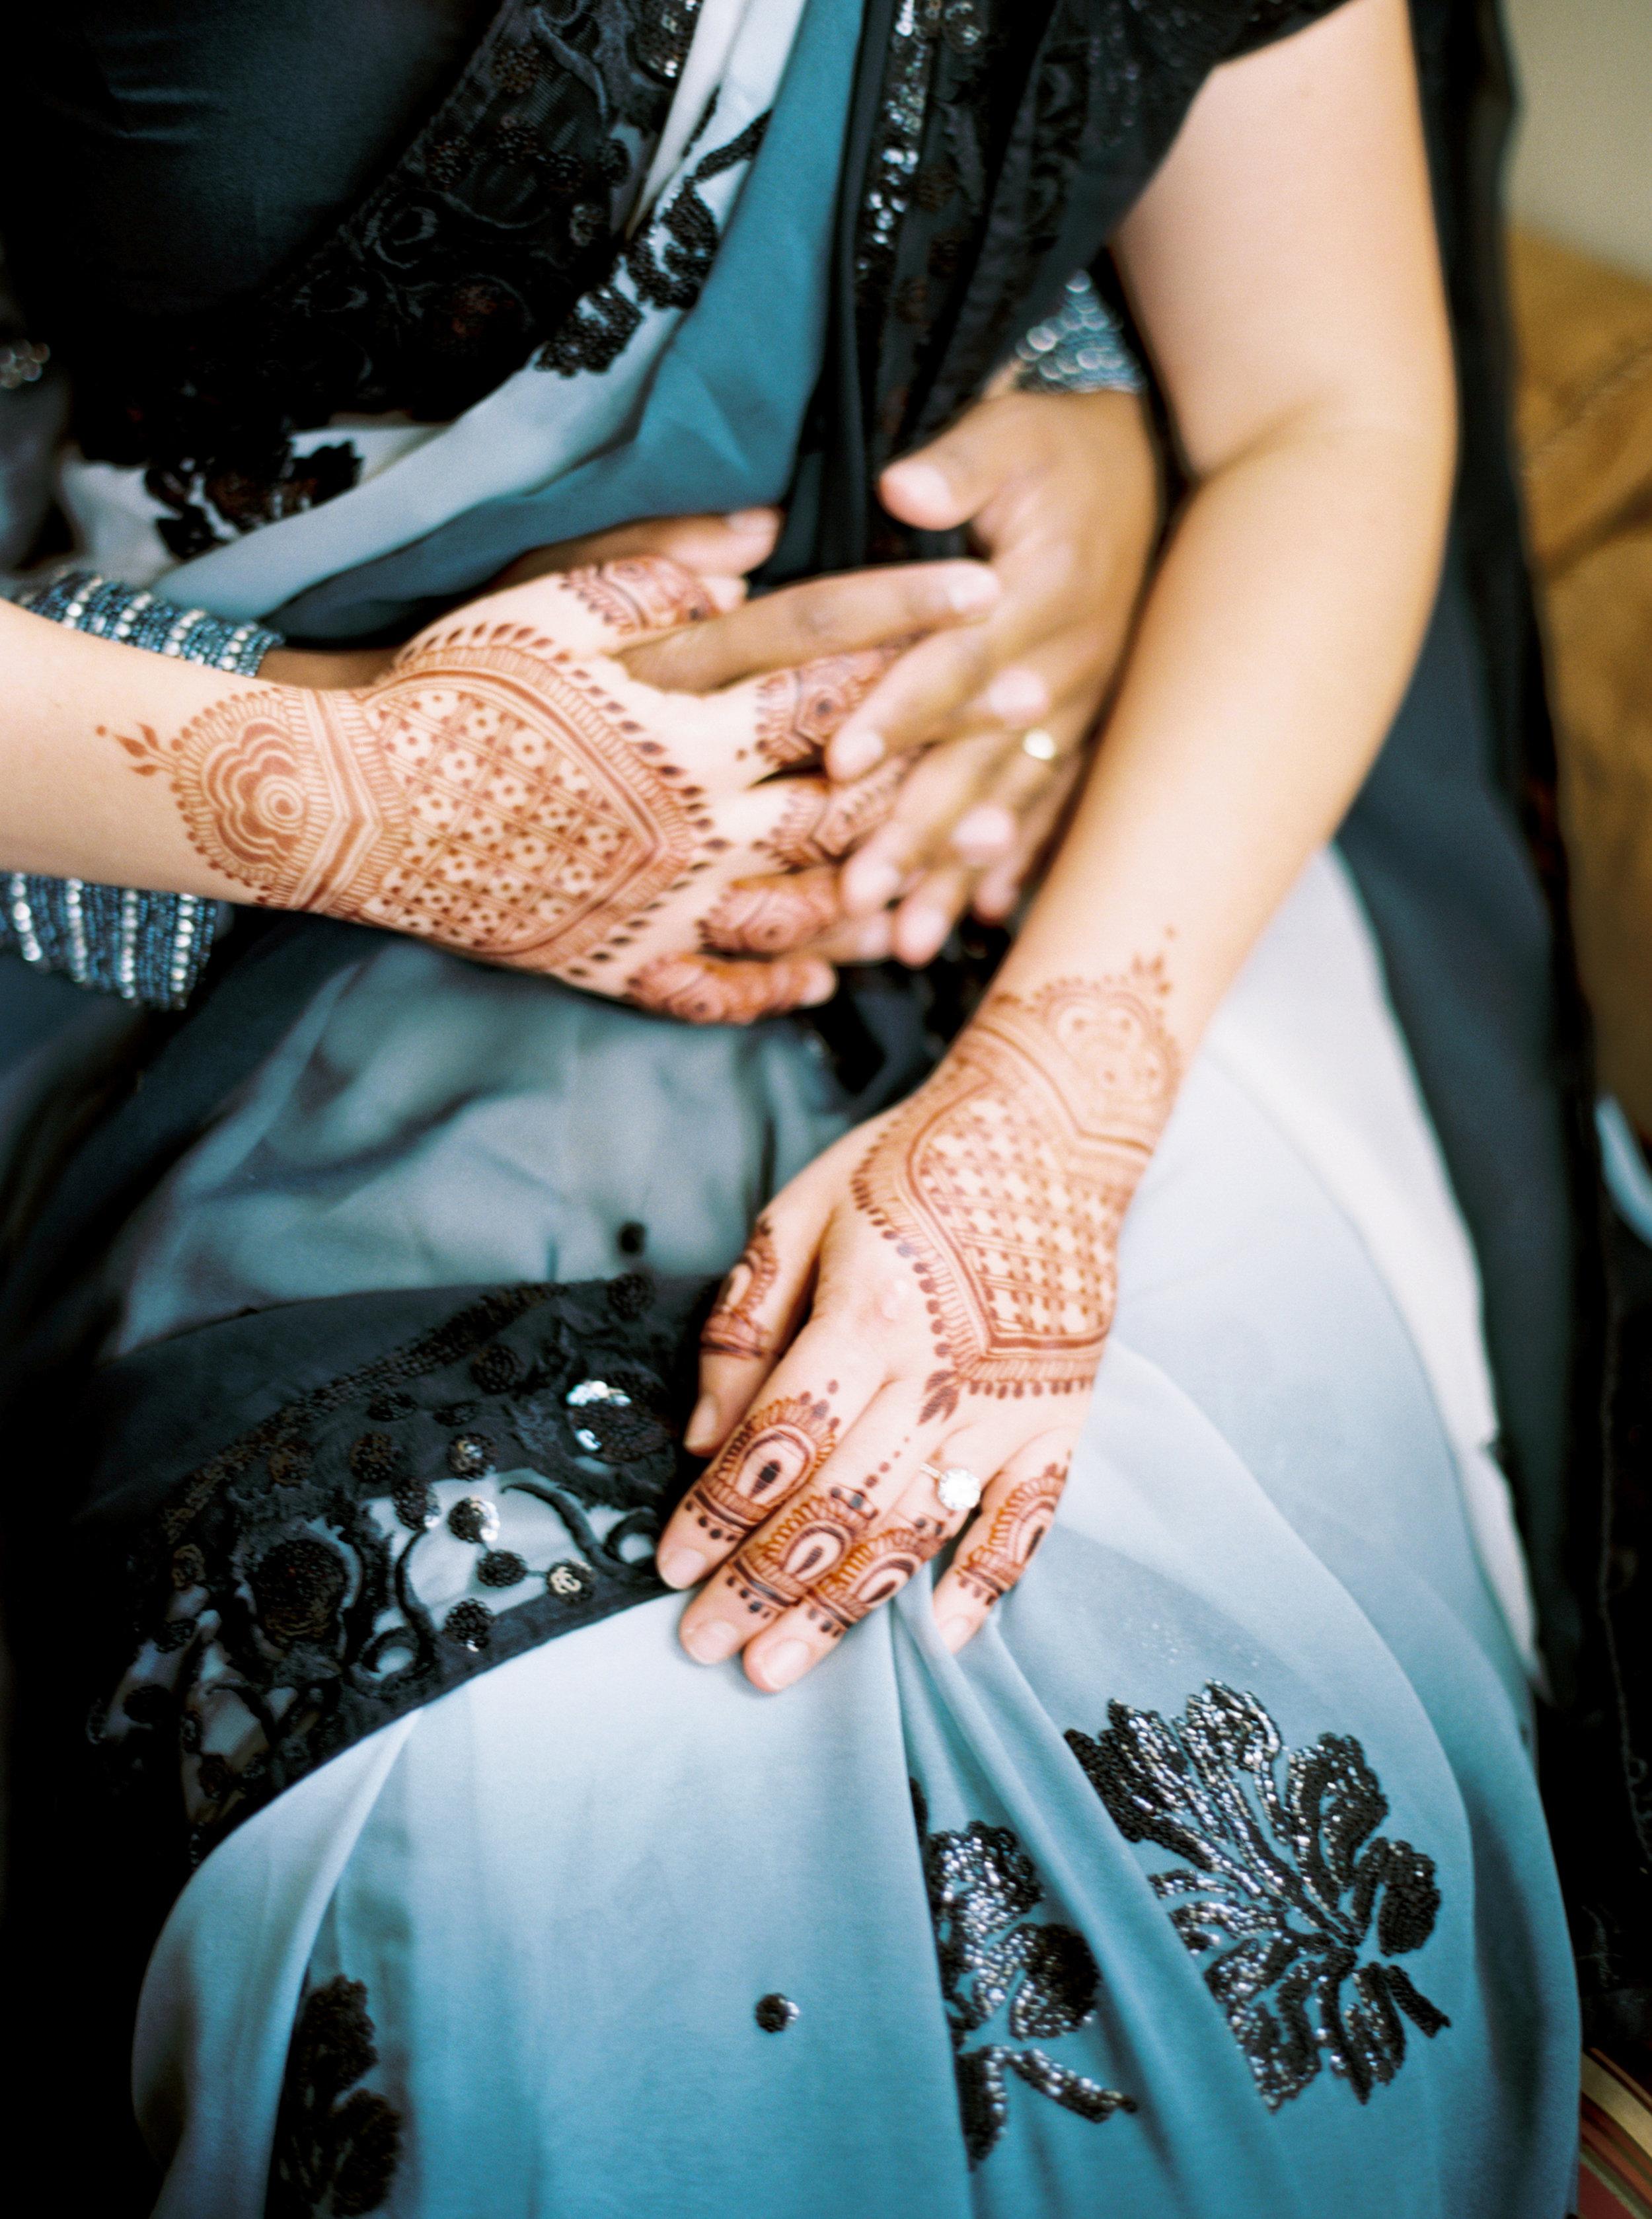 Wahoo_Grill_Atlanta_Indian_Wedding_Abigail_Malone_Photgoraphy_FIlm-46.jpg